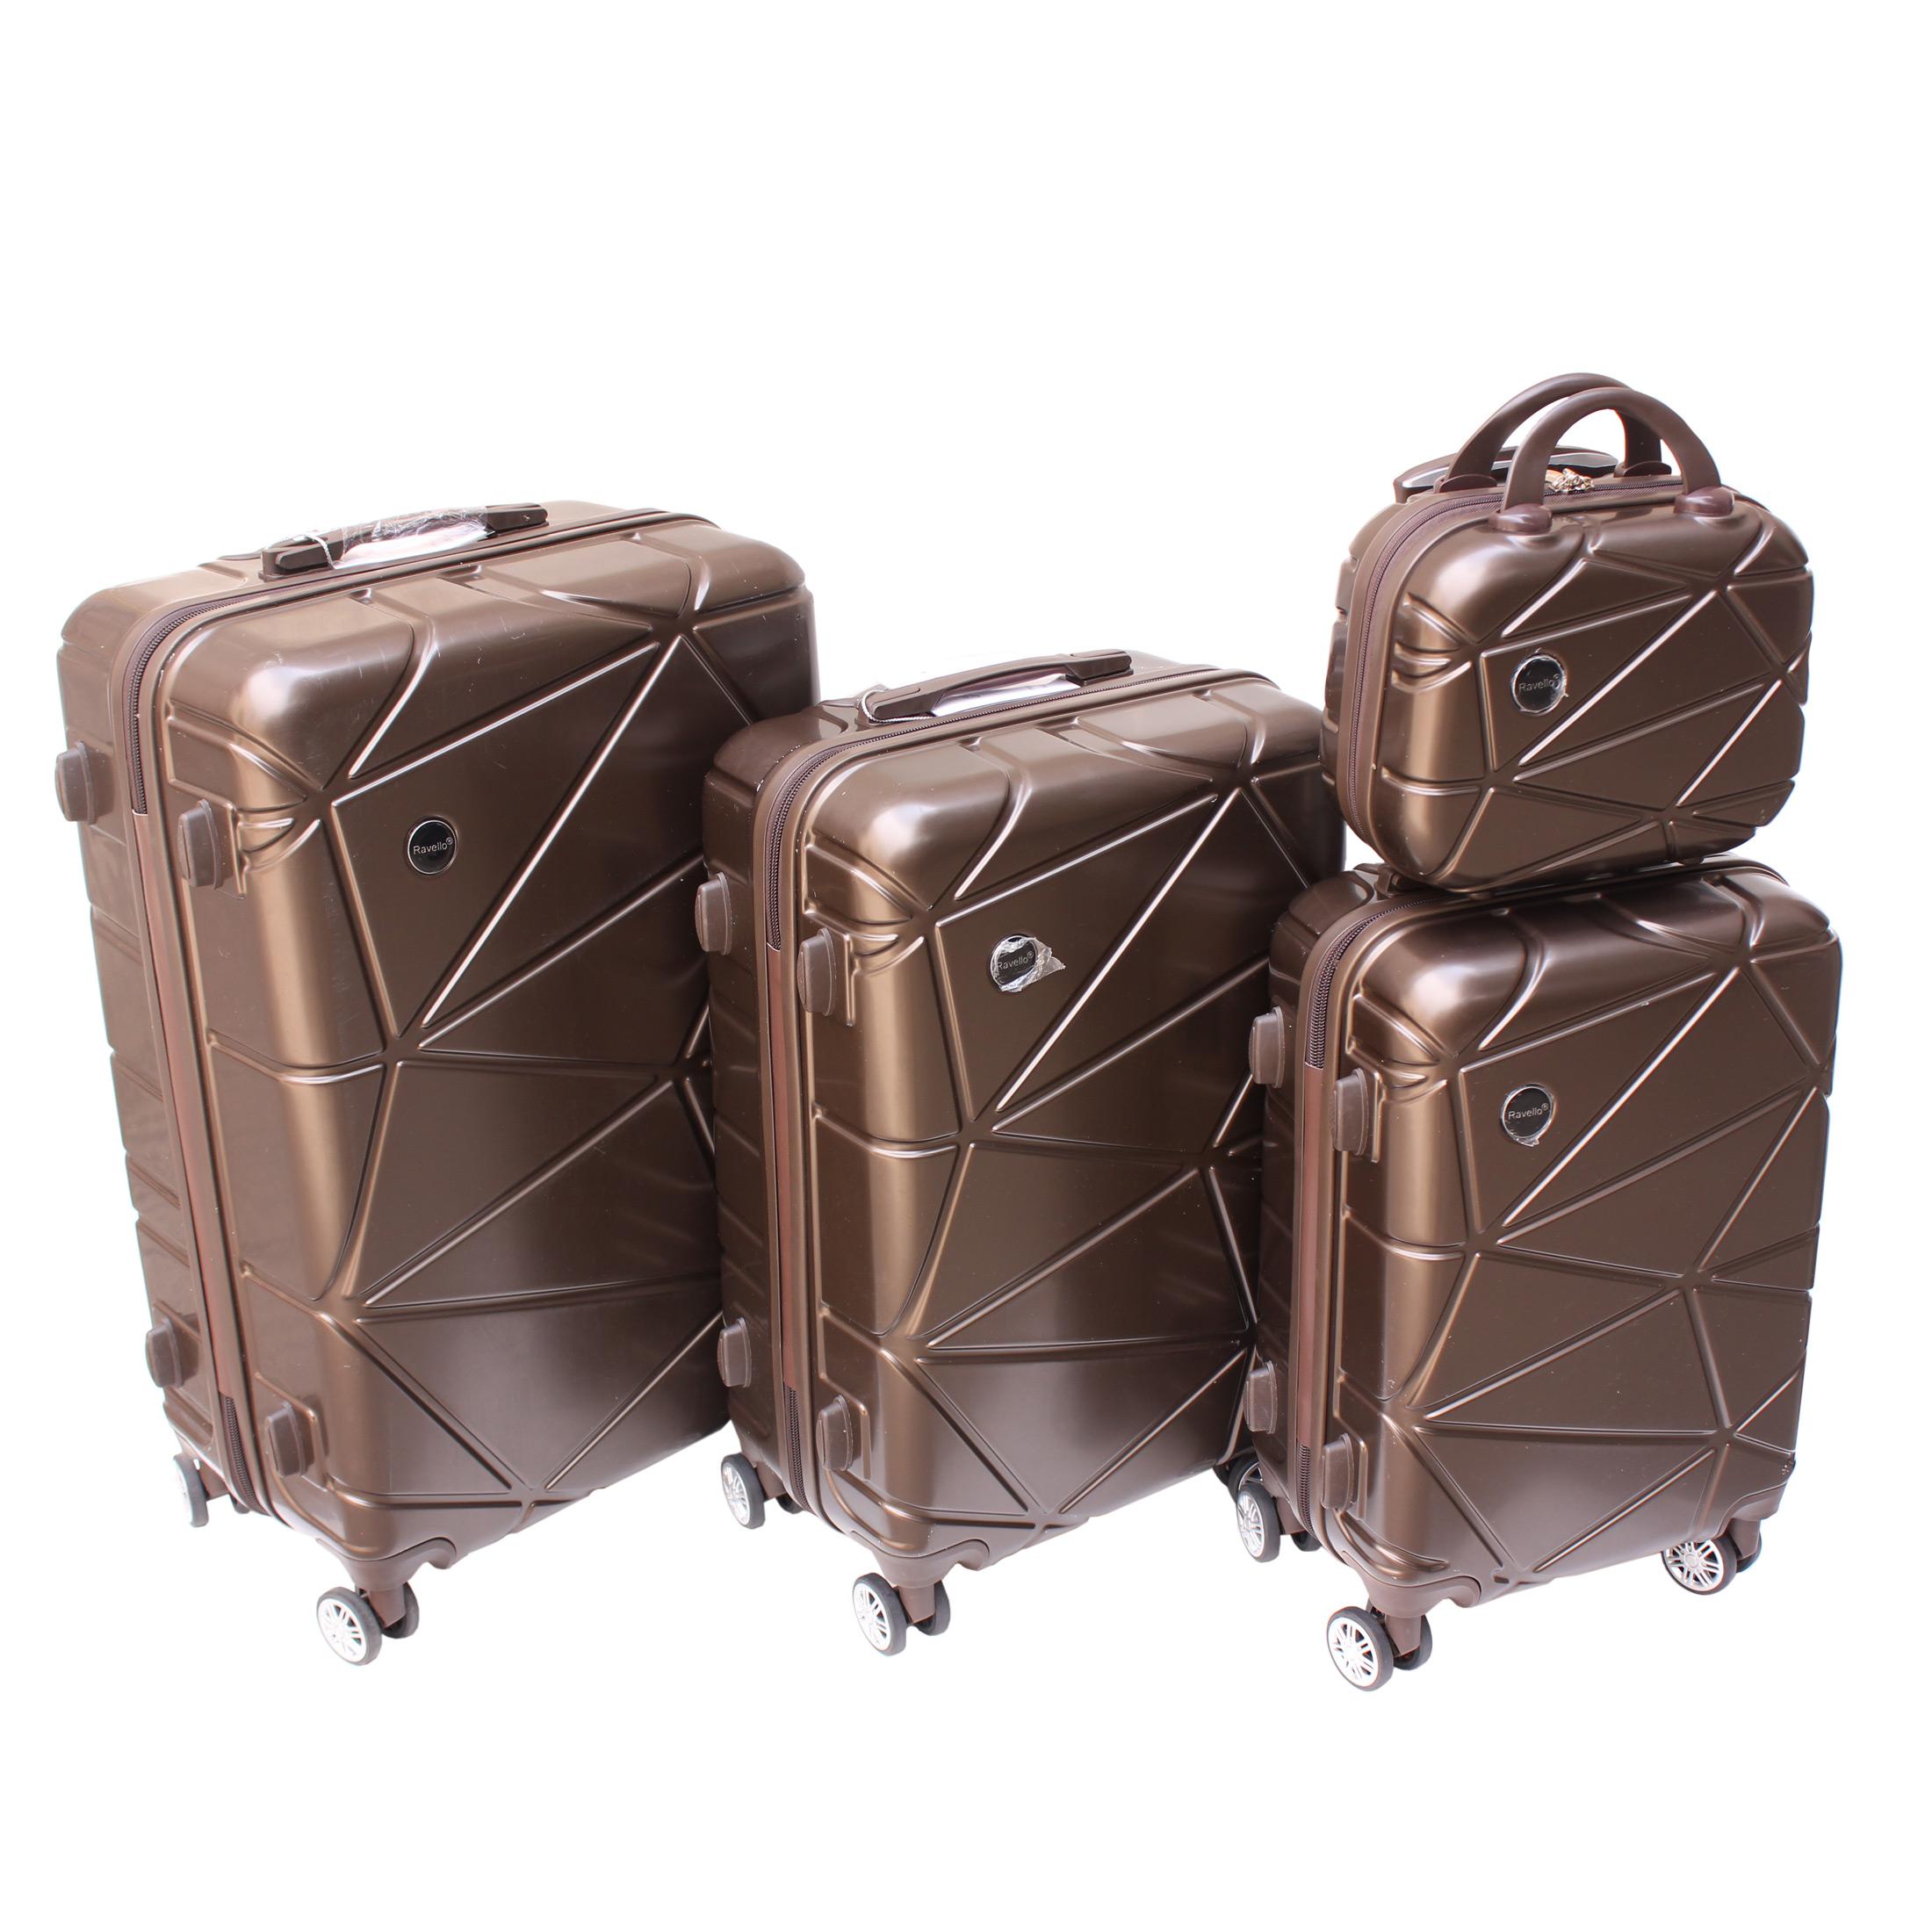 مجموعه 4 عددی چمدان راولوو کد 001